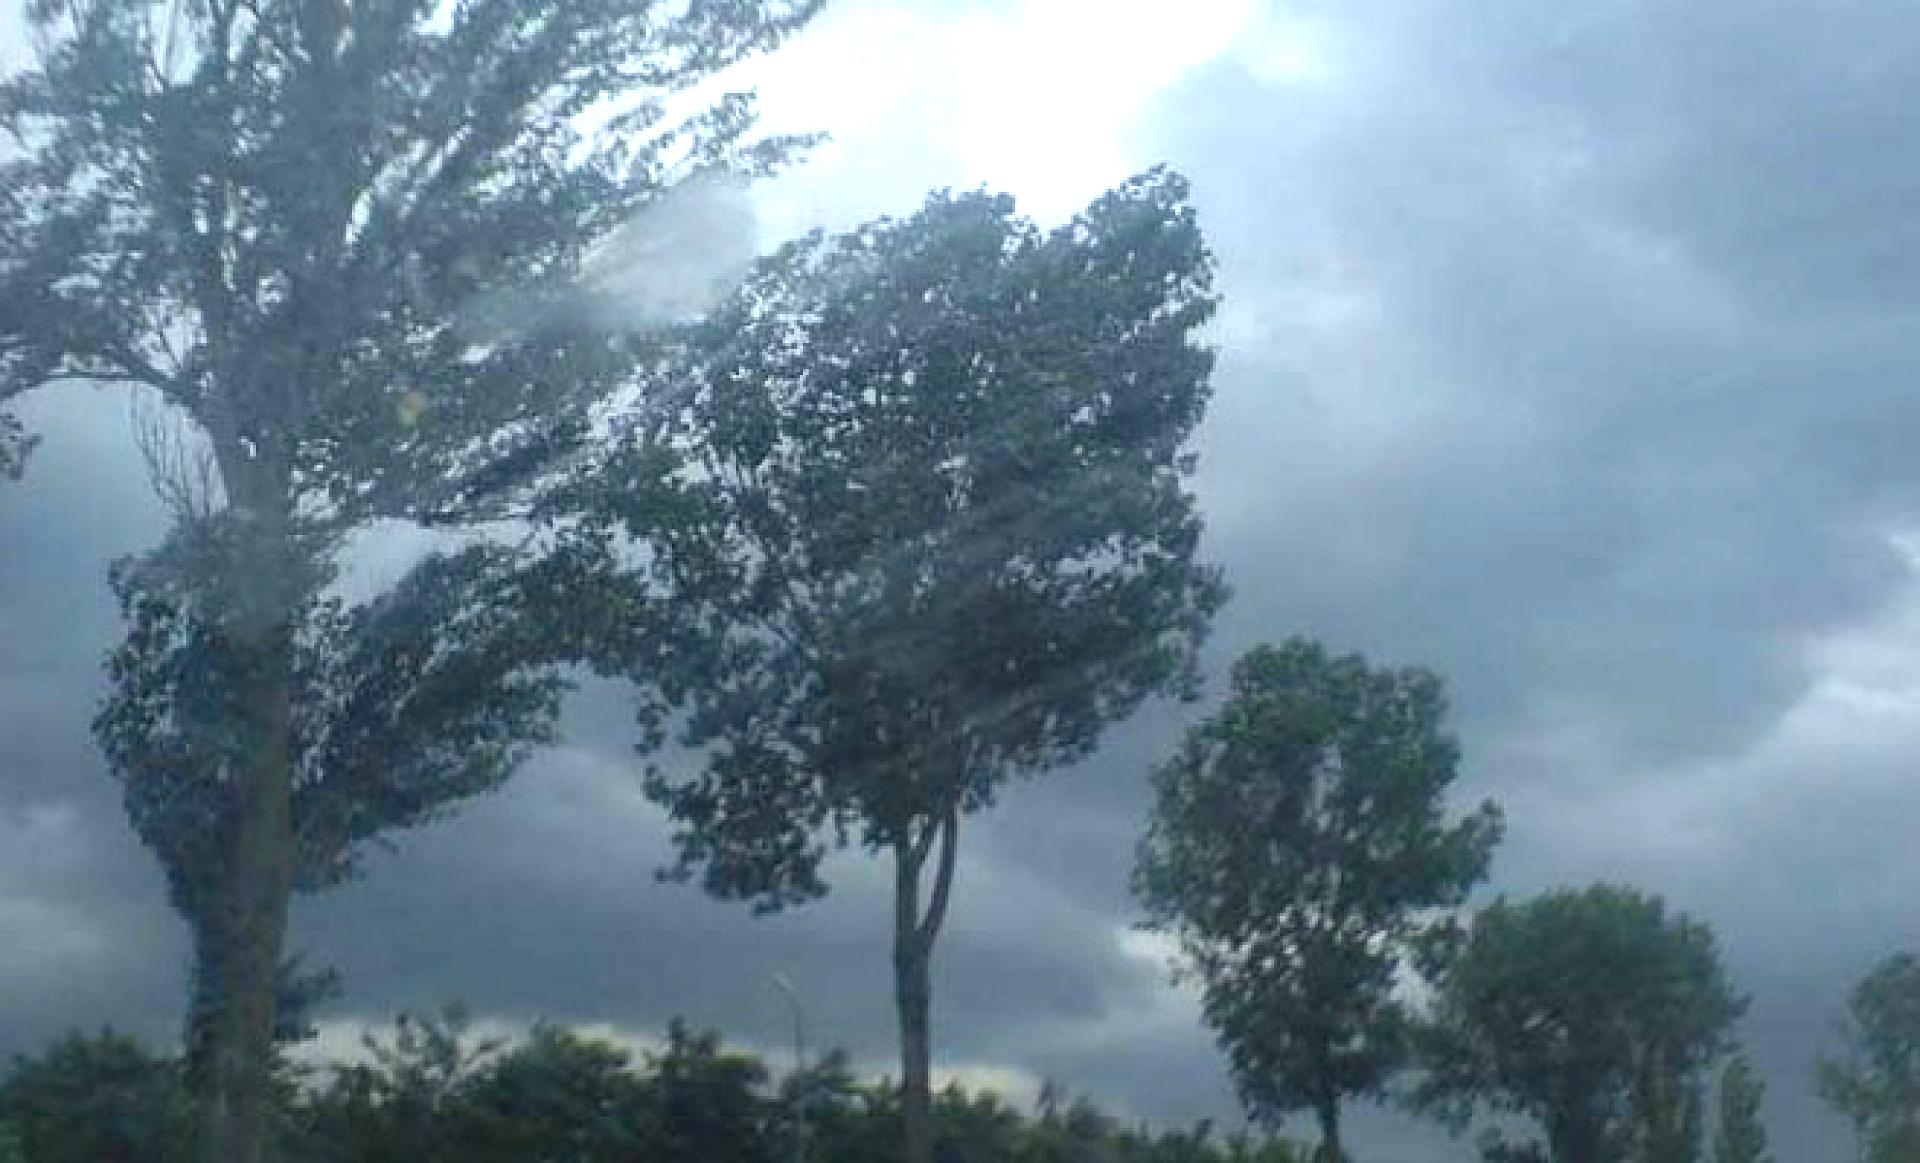 Alertă ANM de Cod ROȘU de vreme severă imediată în județul Hunedoara